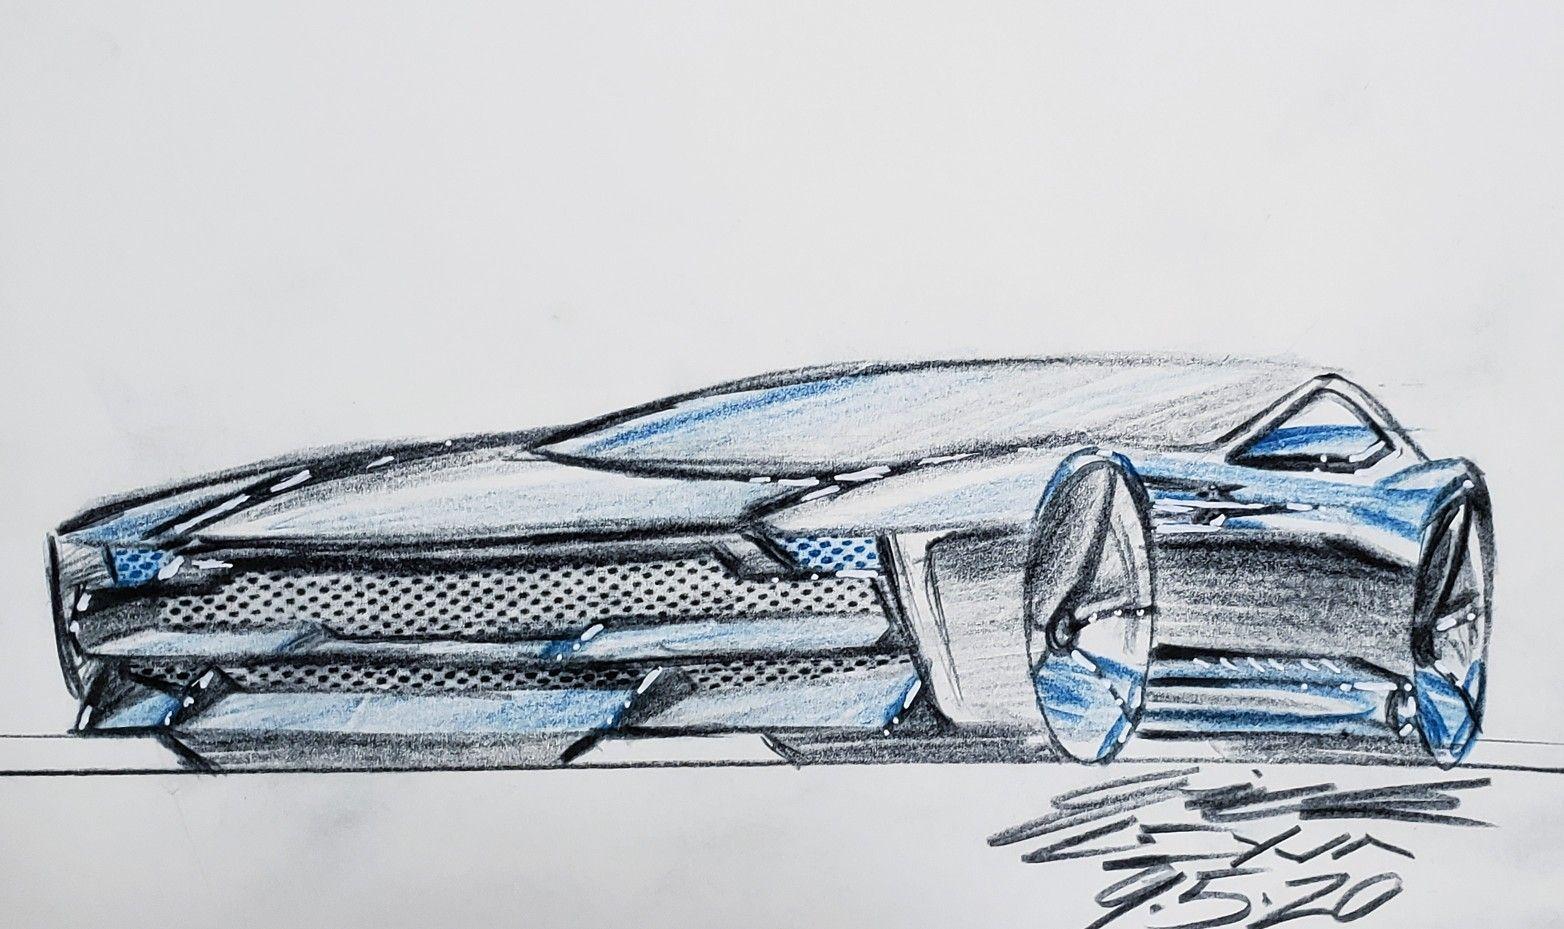 DAY 271 • V8 • #musclecar #sportscar #transportationdesign #vehicledesign #automotivedesign #productdesign #industrialdesign #cardesign #design #carsketch #cardrawing #automotiveart #automotiveillustration #dailydesign #dailydrawing #dailyillustration #dailyart #art #concept #conceptcar #conceptdesign #conceptart